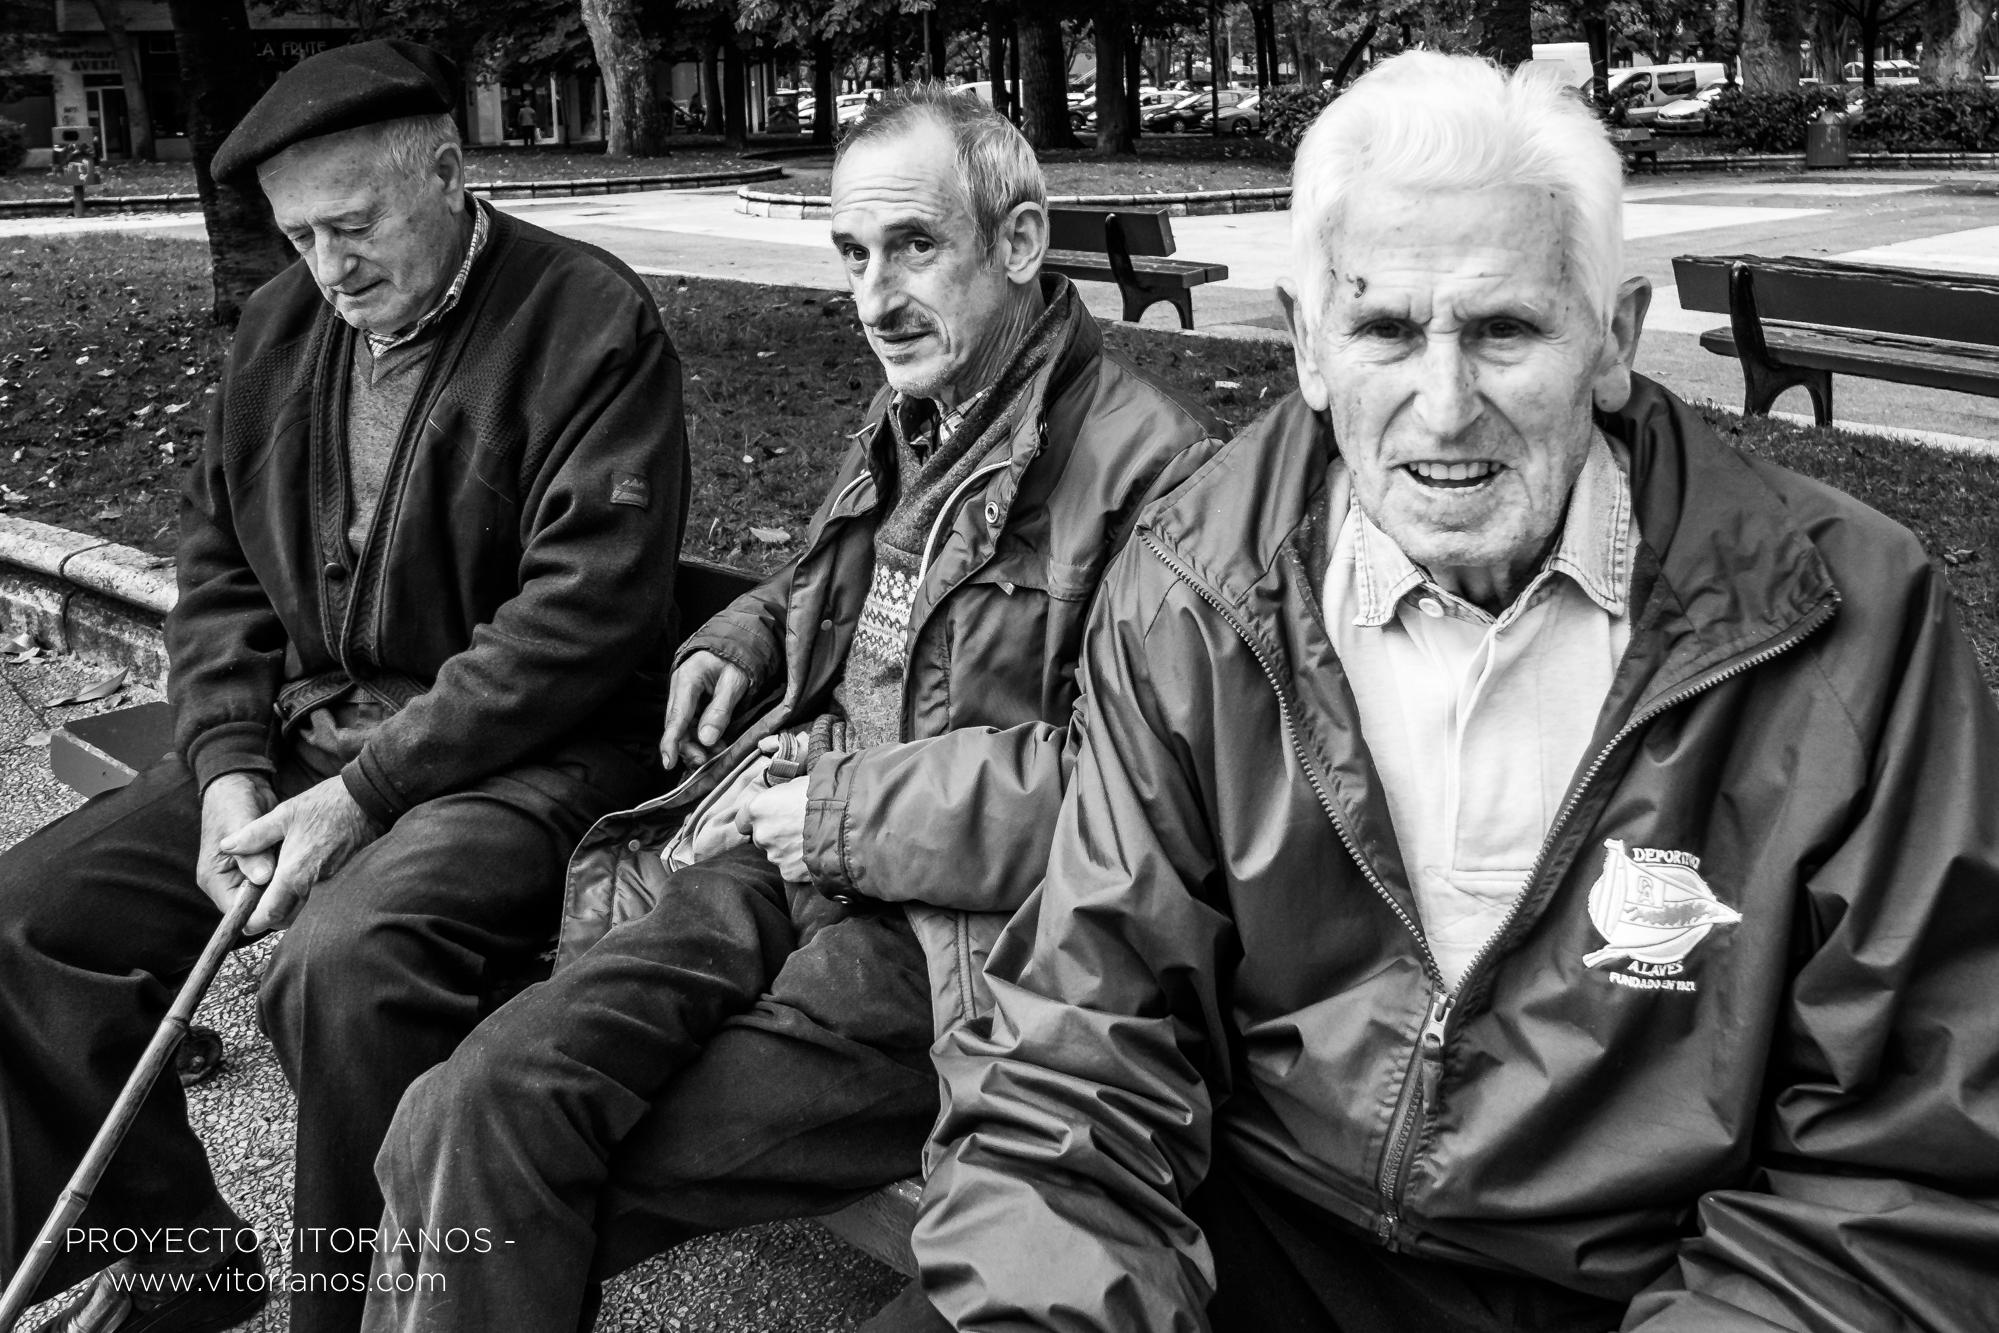 Vitorianos en un banco - Foto: Toñi Pérez